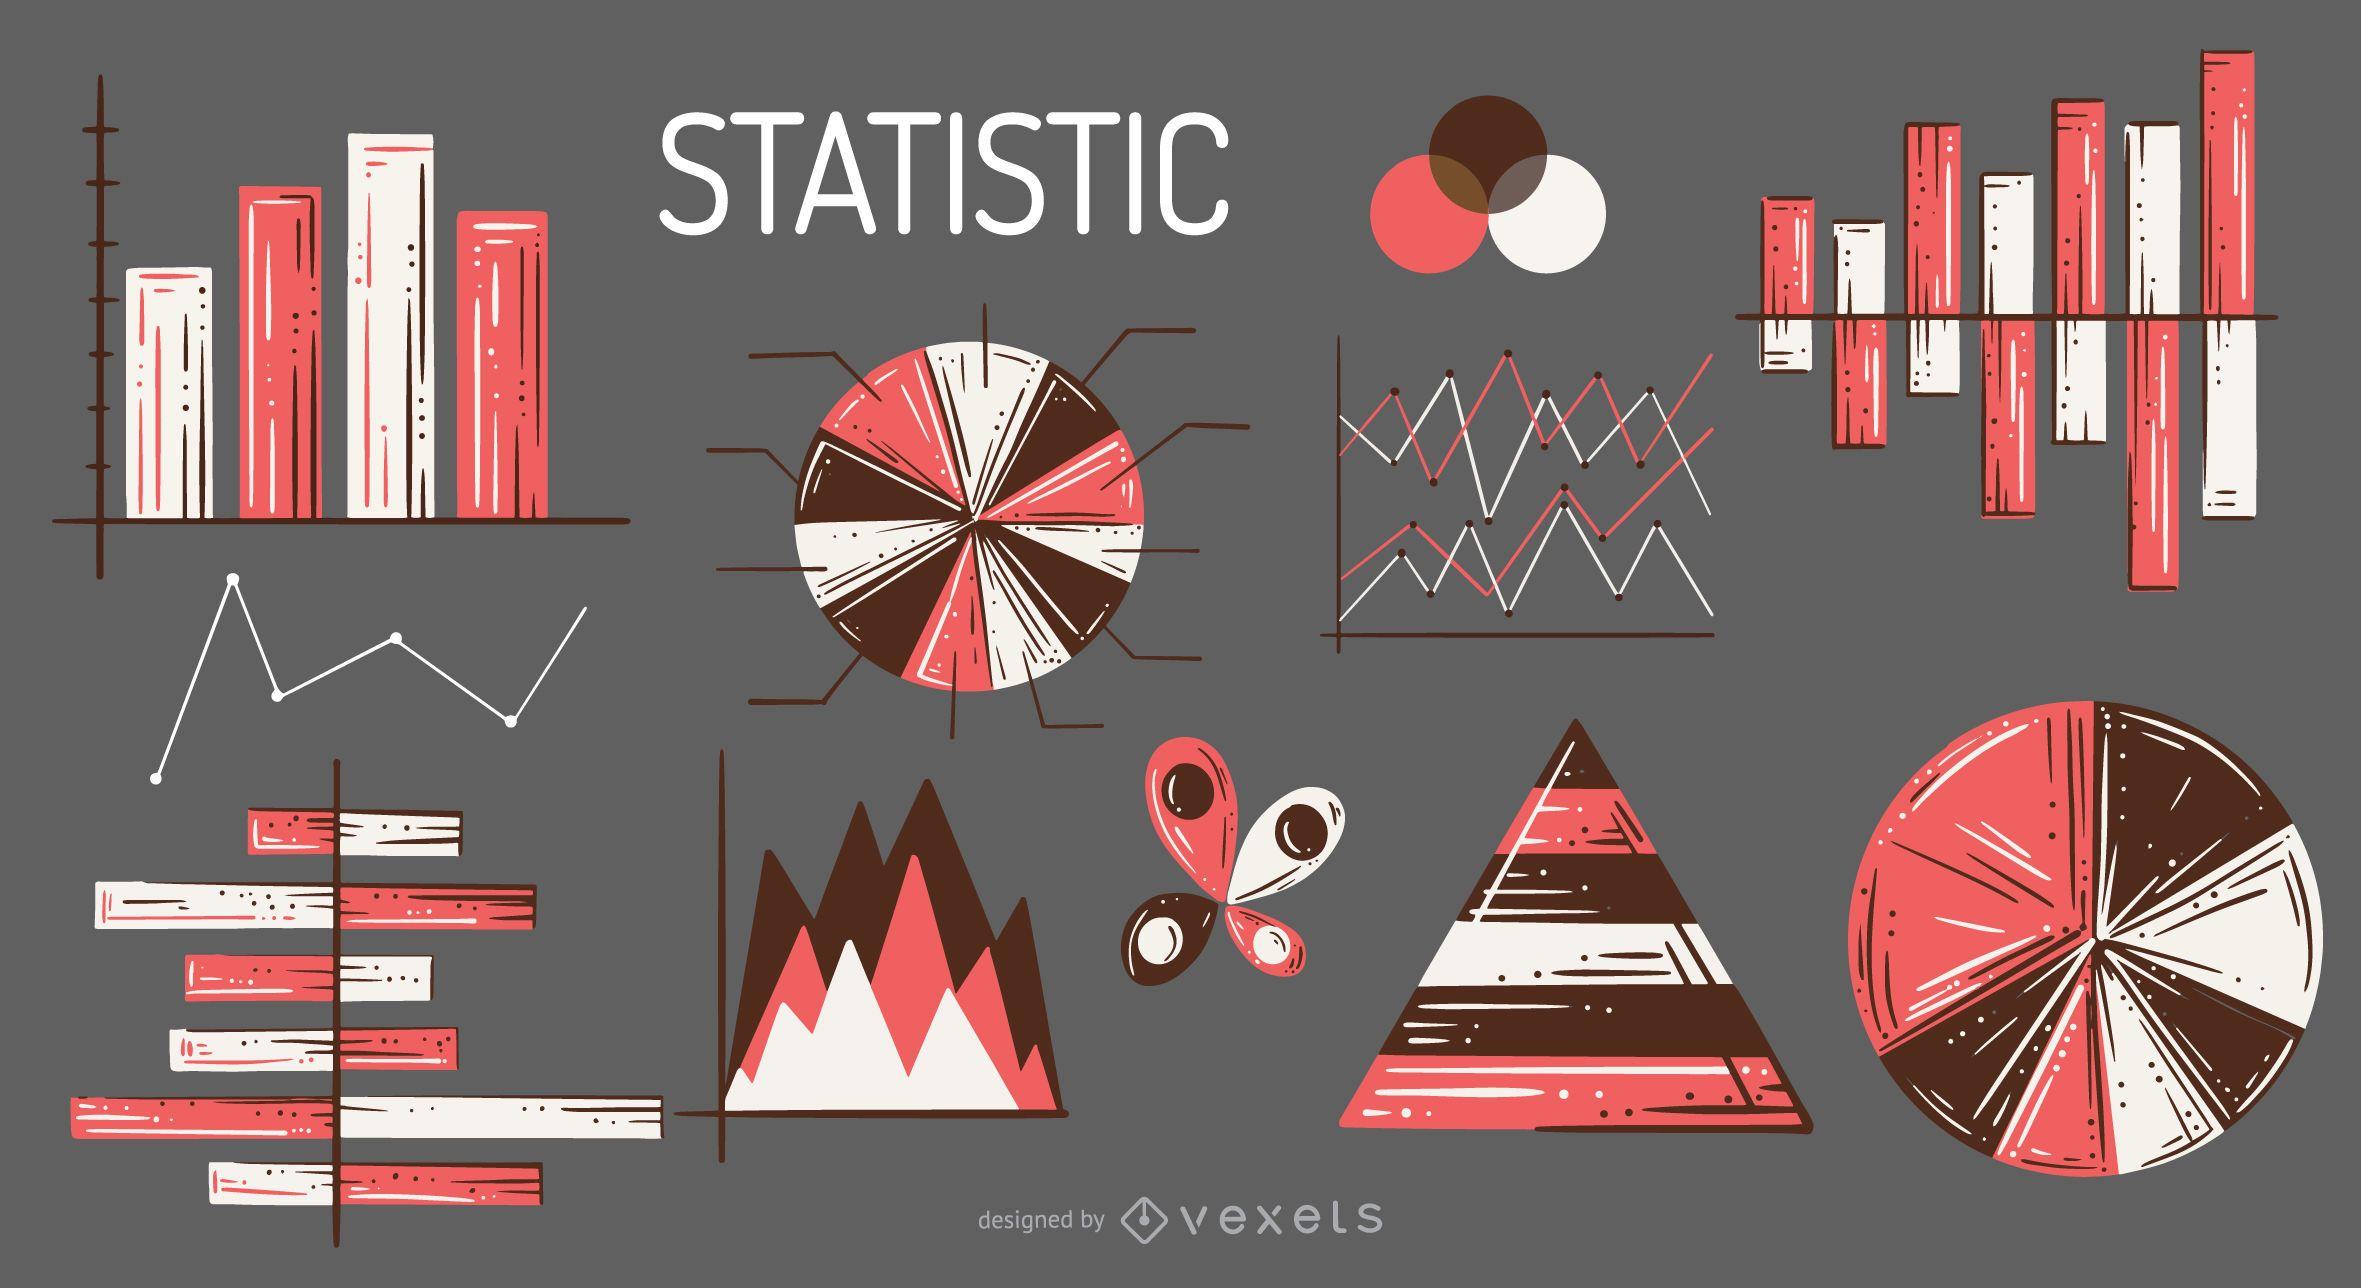 Statistic elements illustration set